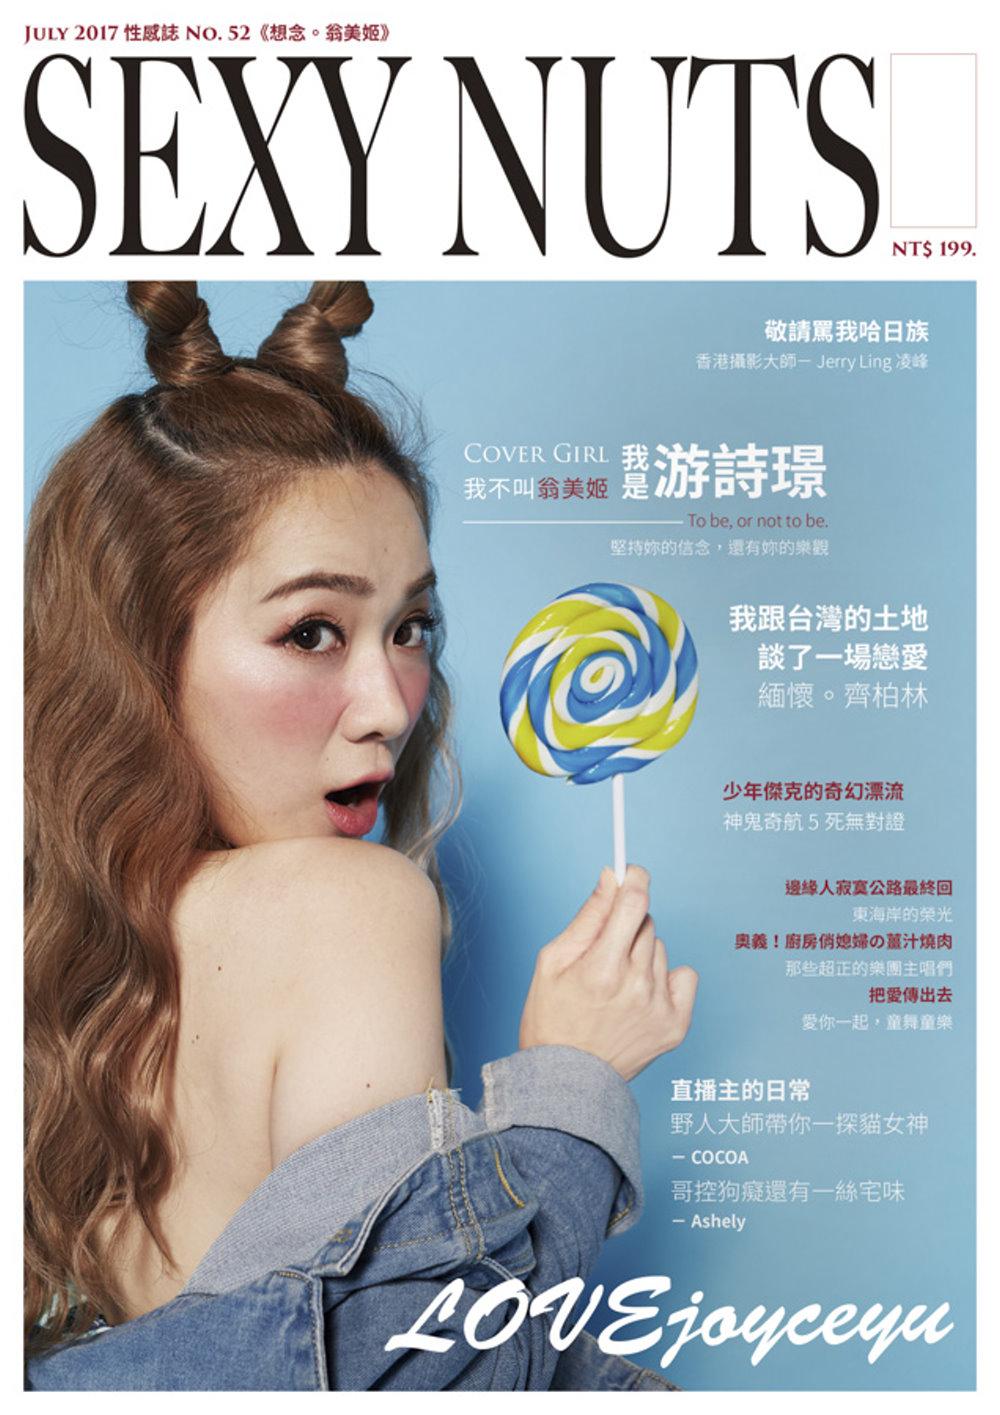 SEXY NUTS性感誌 7月號/2017第52期 A款